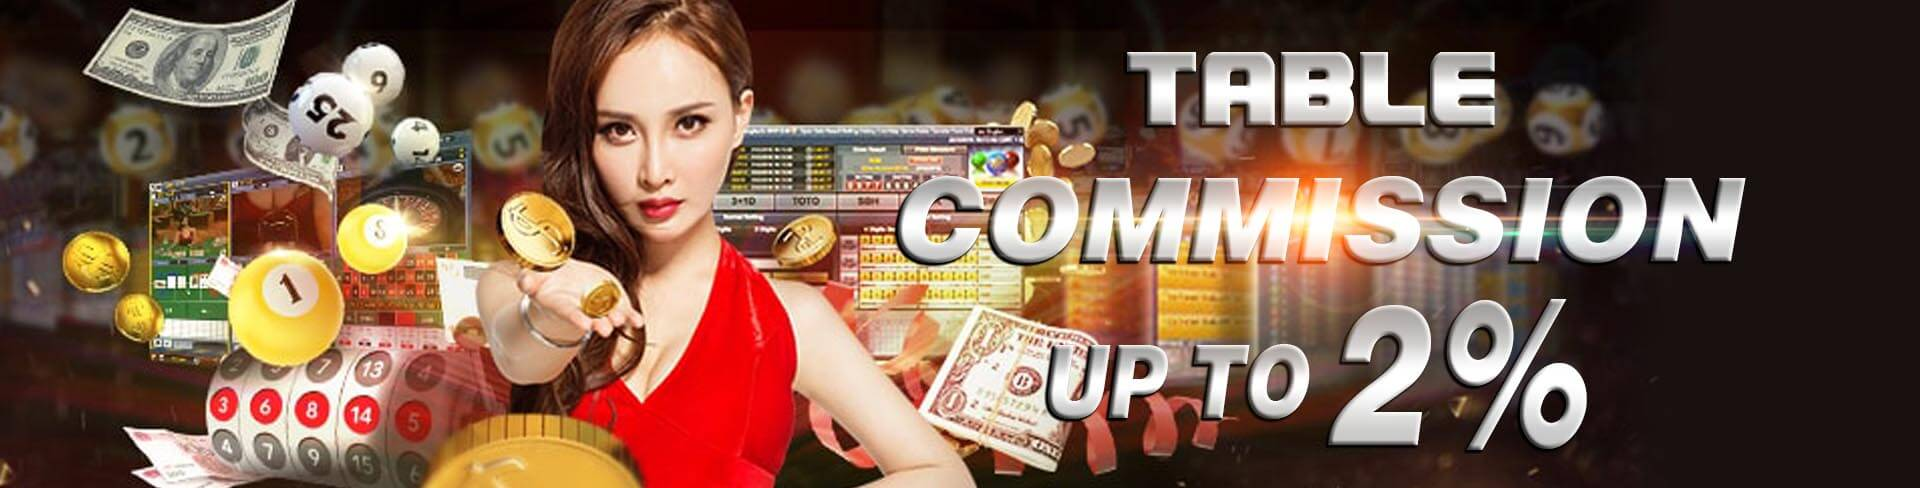 bagi anda pecinta poker online, 333gaming memberikan promo table commission hingga 2% kepada semua member setia judi poker online